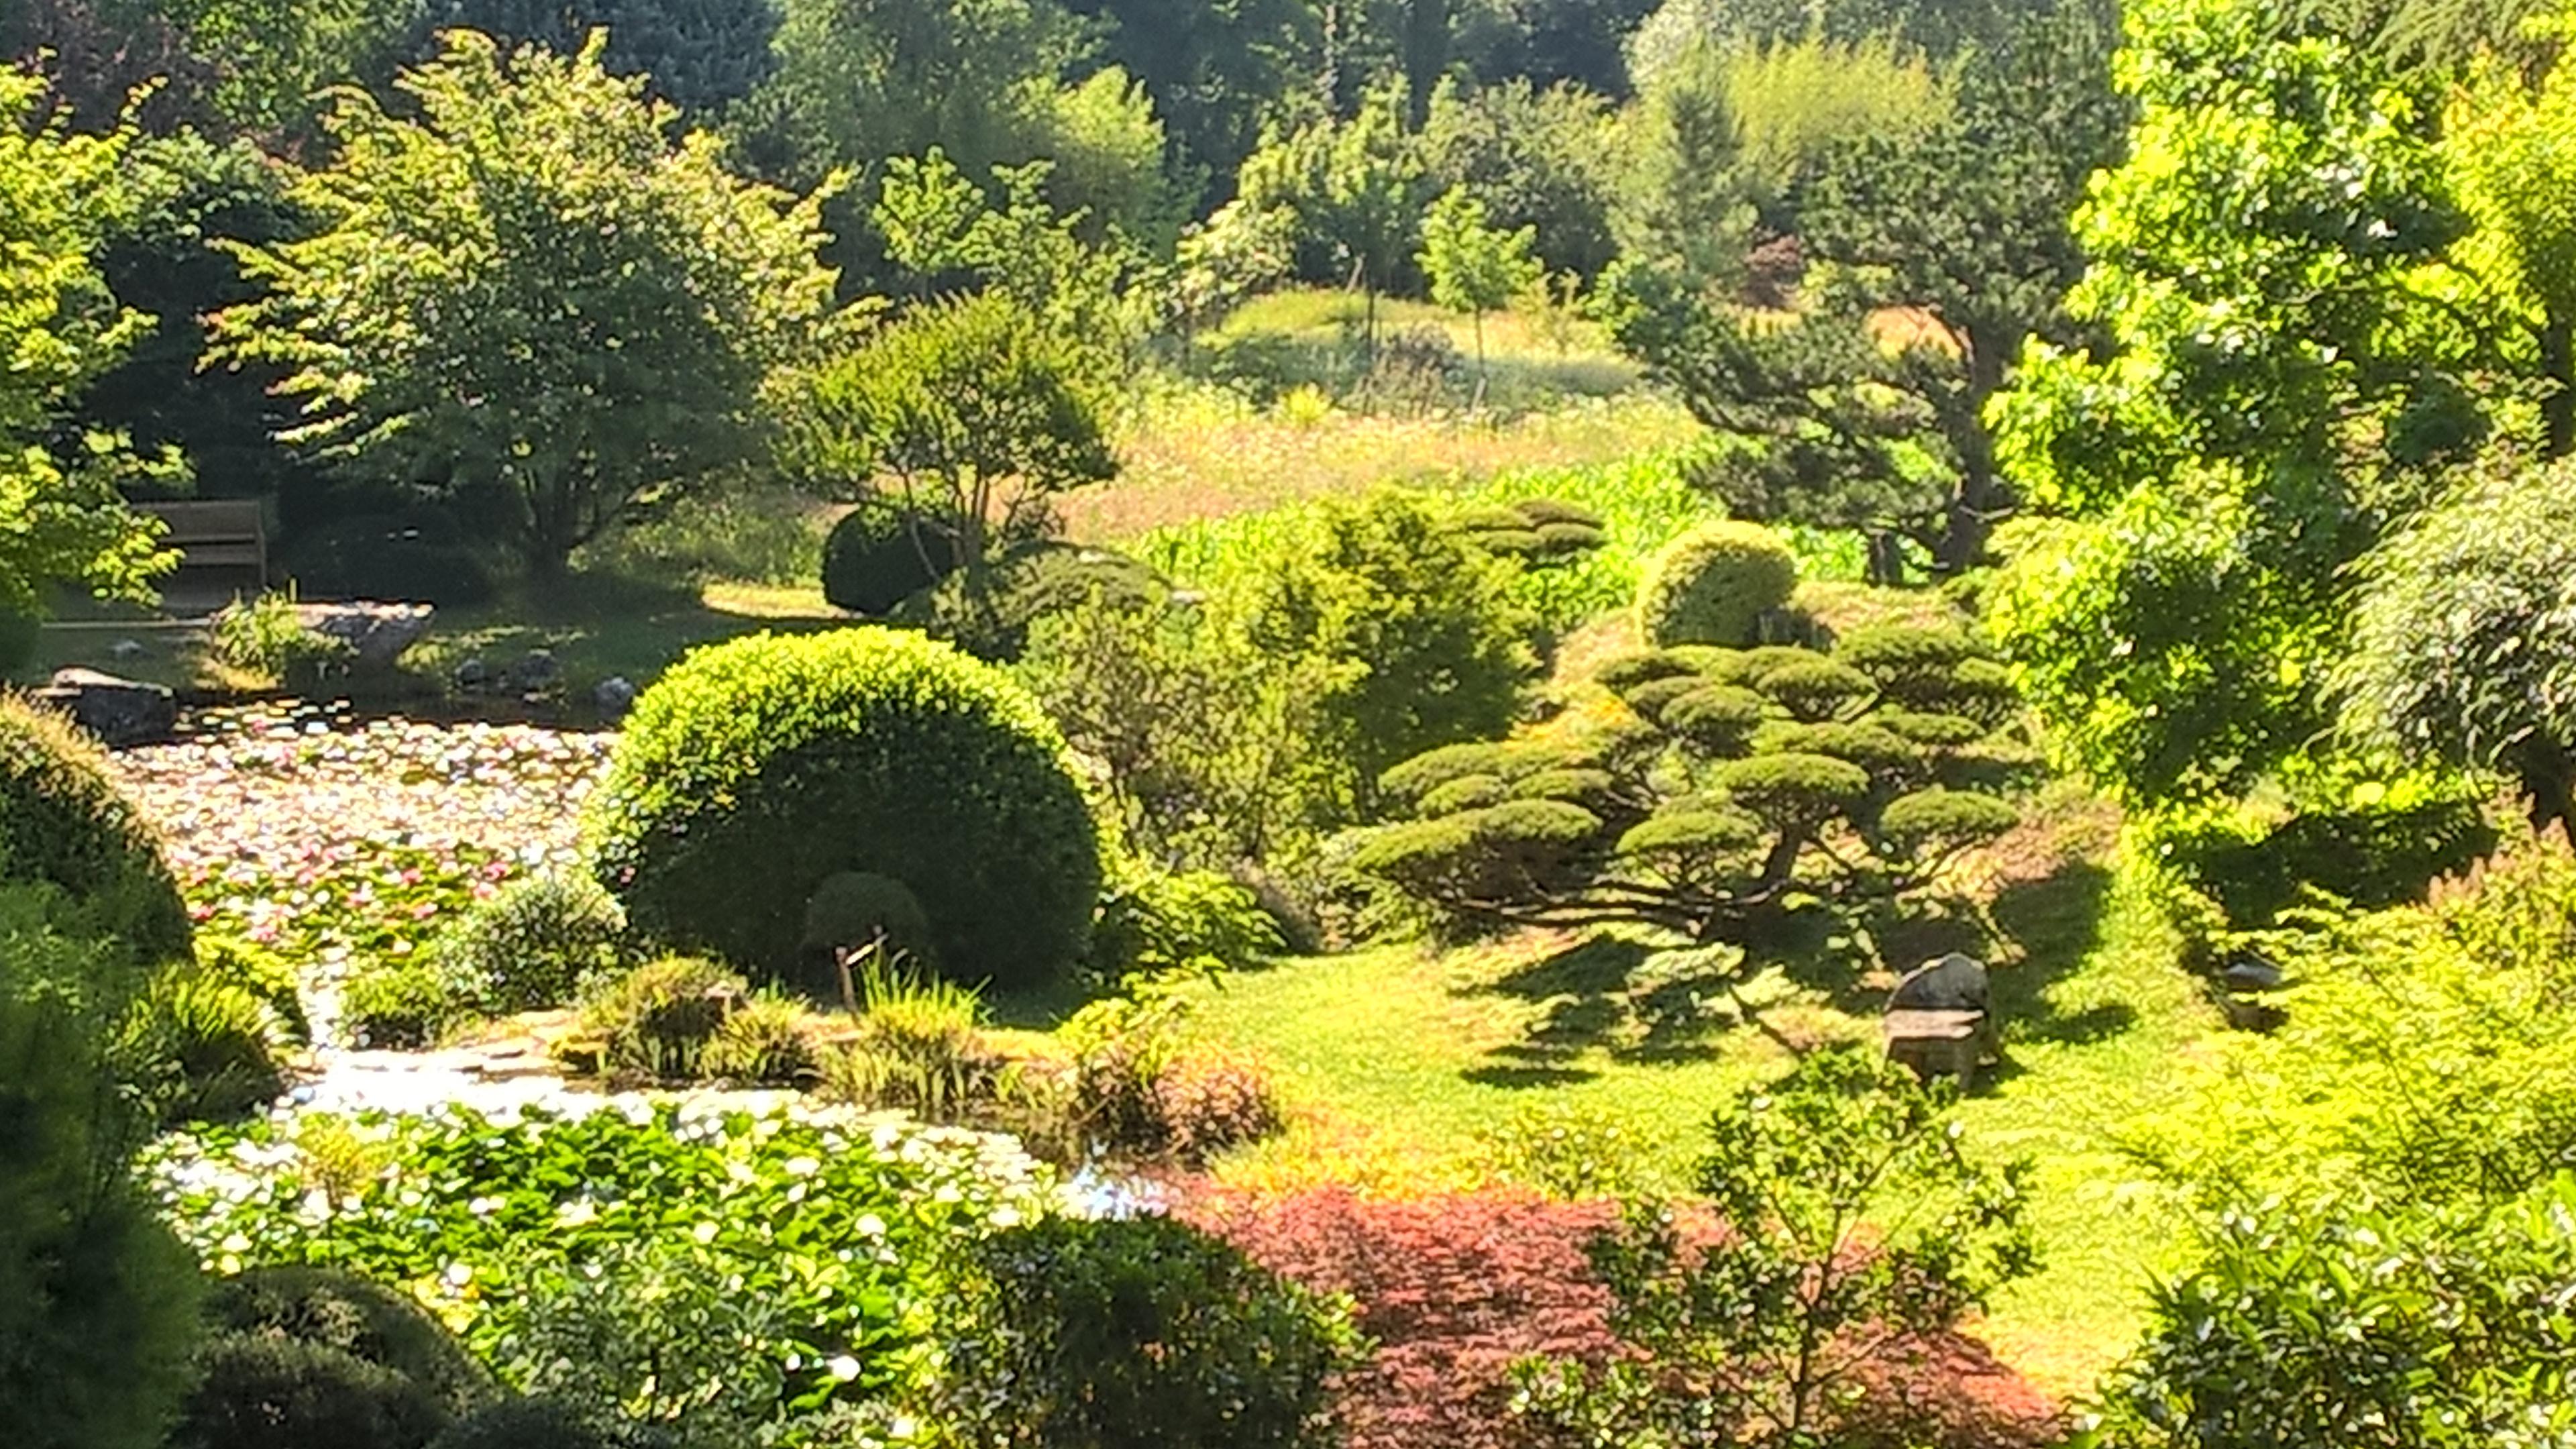 visite du jardin zen d 39 erik borja avec les bts ap 1 cfa cfppa de l 39 allier. Black Bedroom Furniture Sets. Home Design Ideas